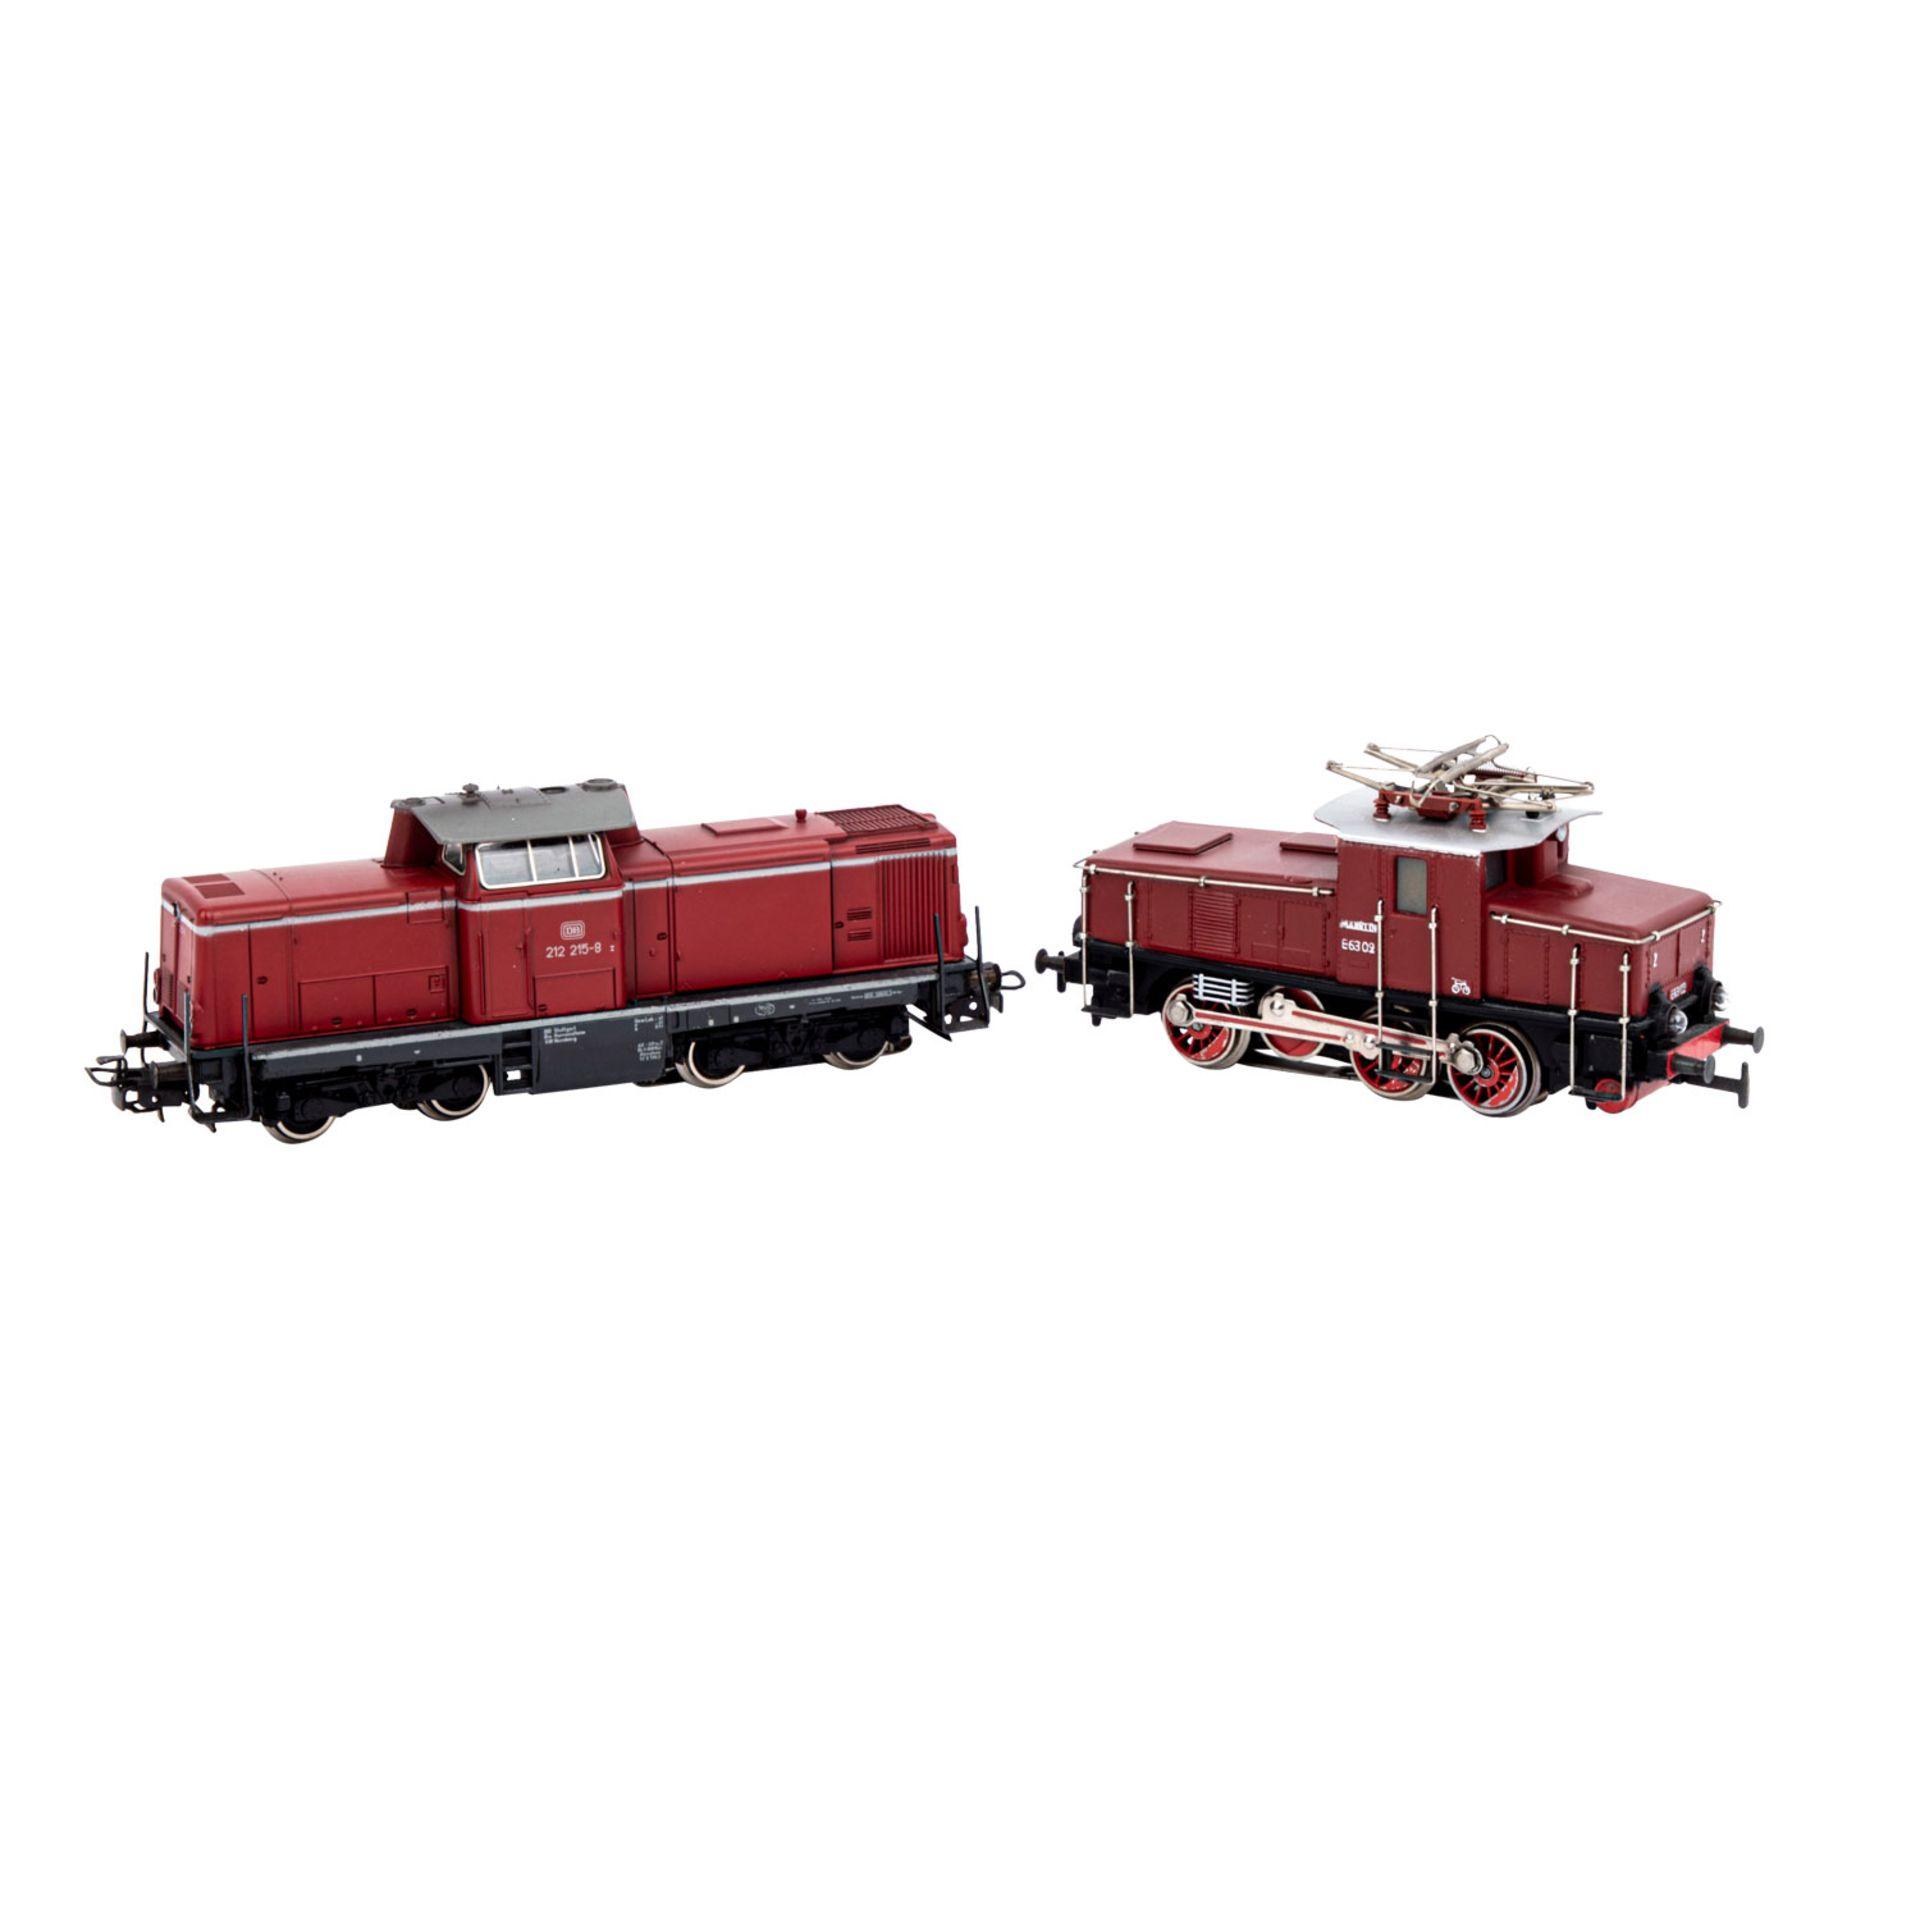 MÄRKLIN Konvolut zweier Lokomotiven und Wagensets, Spur H0,bestehend aus weinroter Di - Image 3 of 3